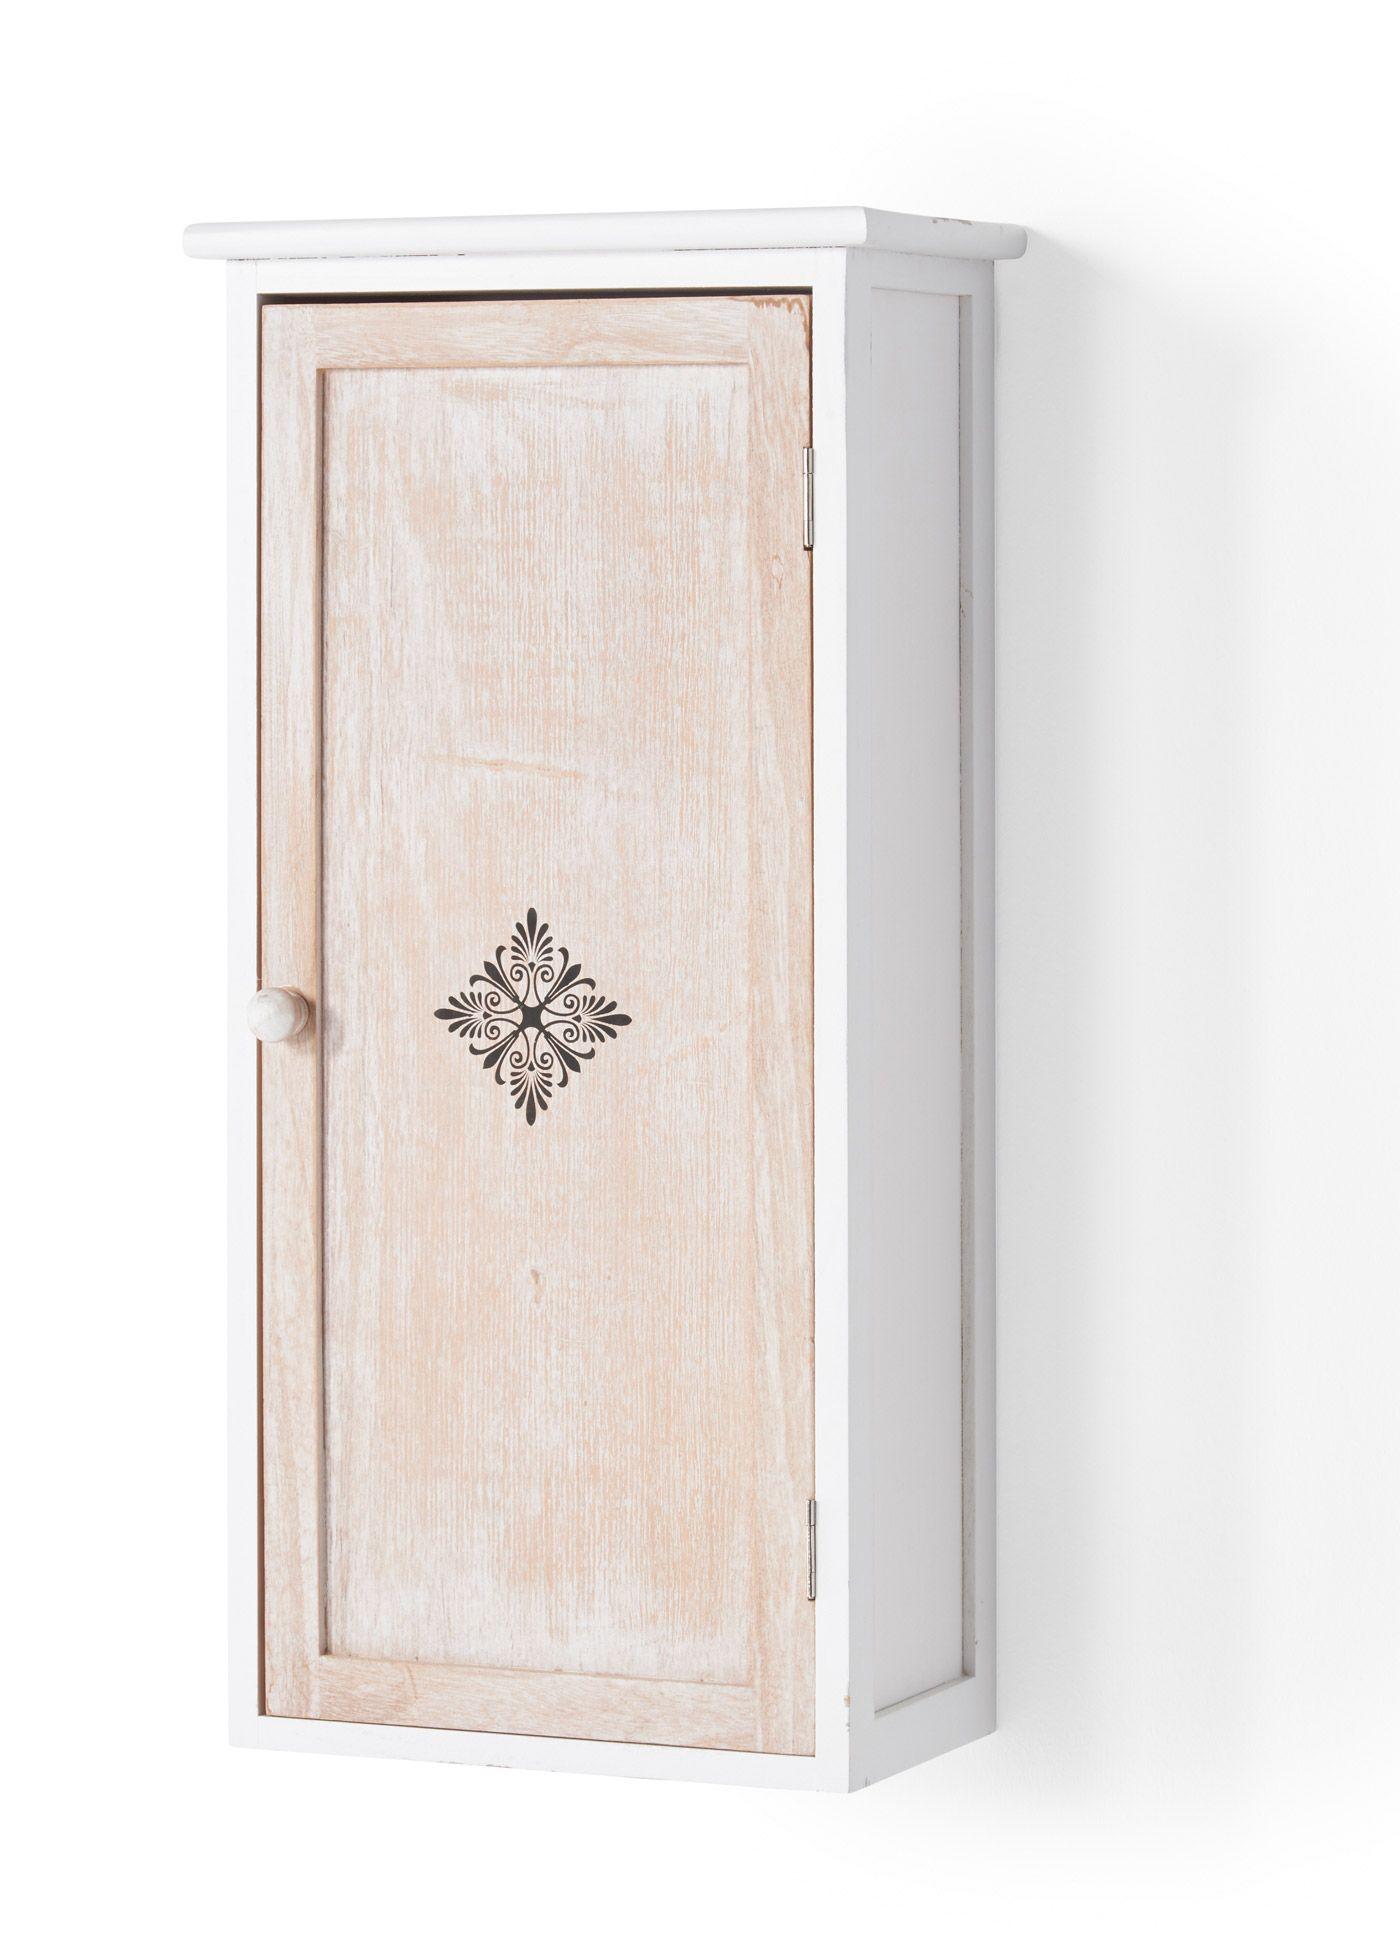 Badezimmer Hangeschrank Mit Ornament Badezimmer Hangeschrank